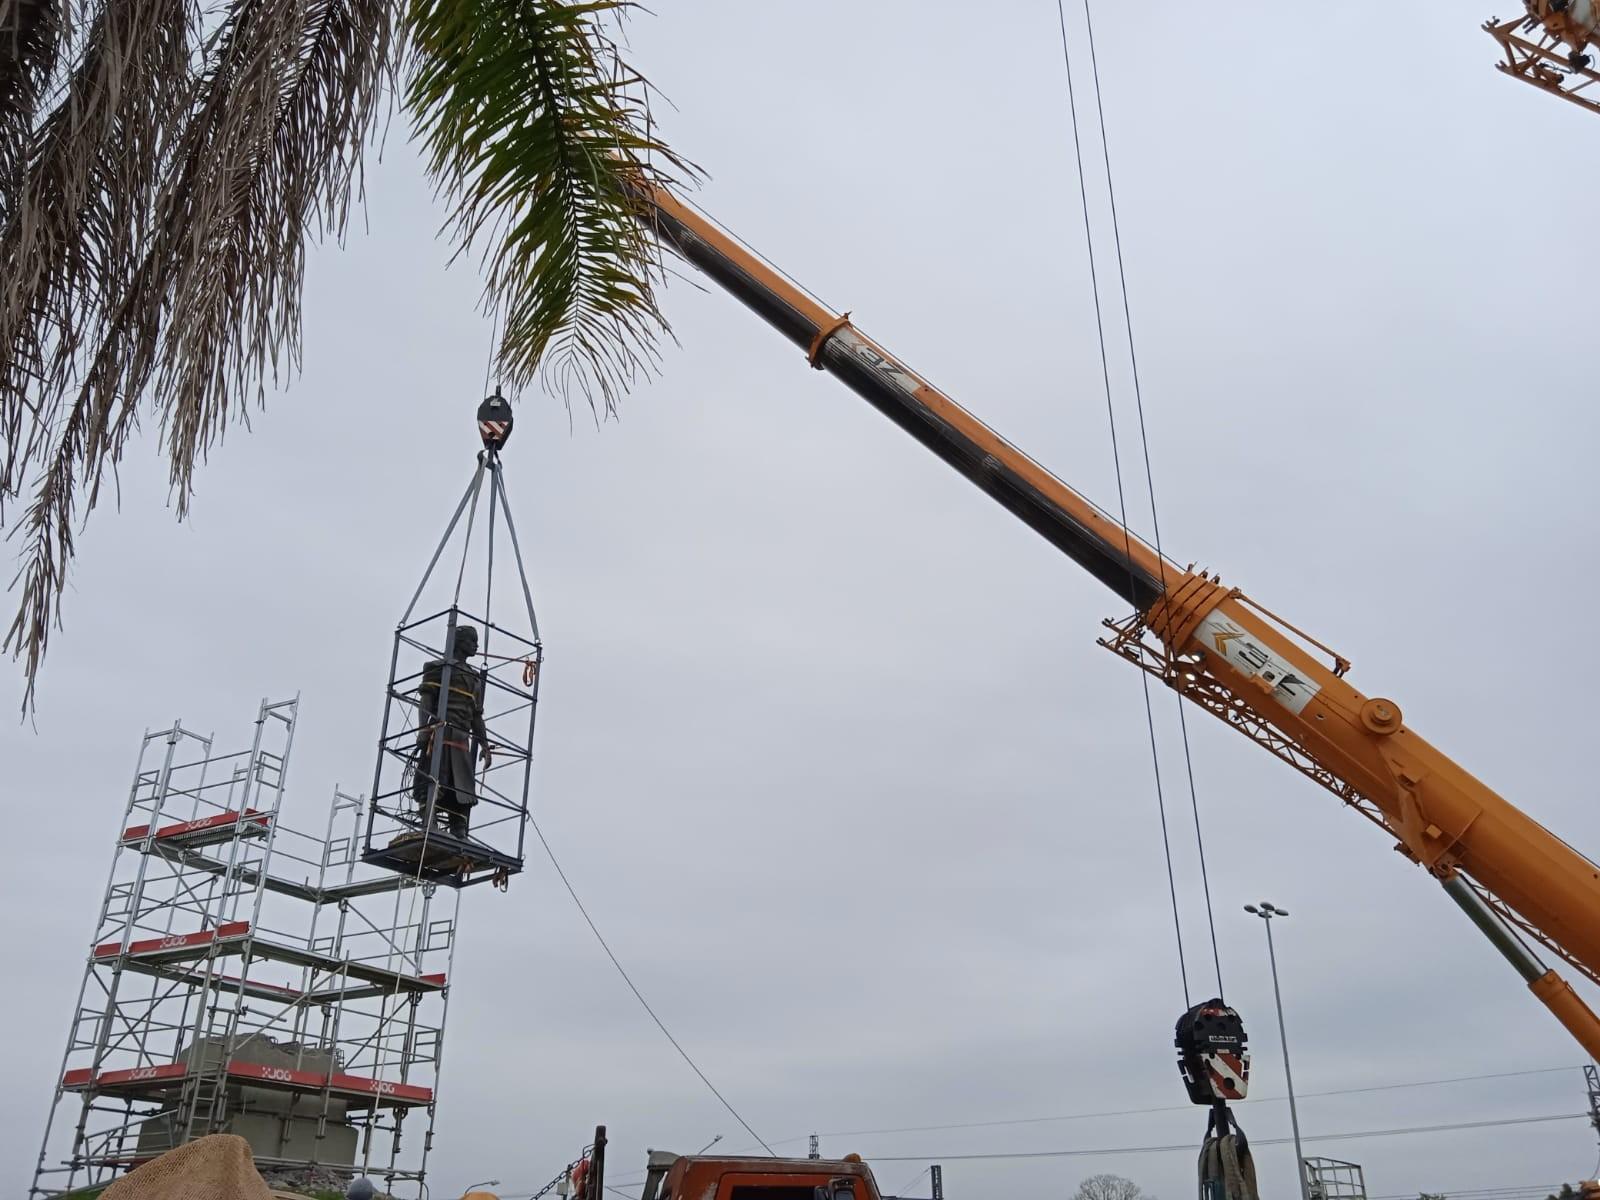 Estátua do Laçador é removida e levada para restauração em Porto Alegre; veja vídeo